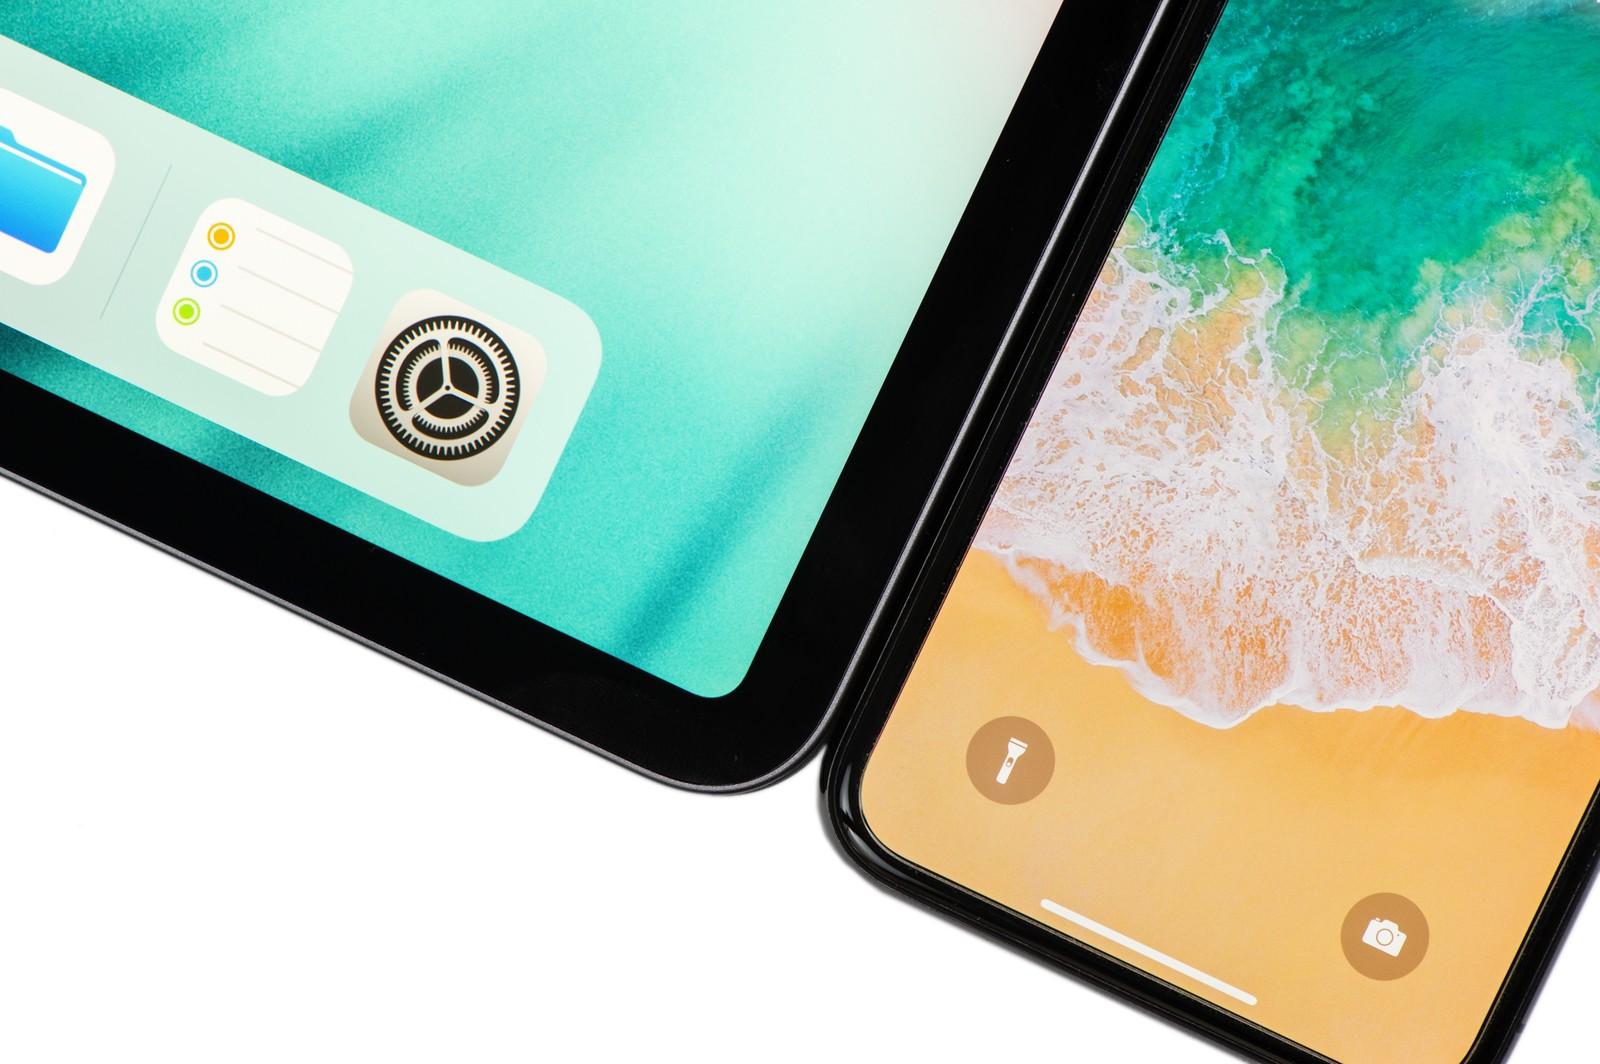 iPhoneやiPad